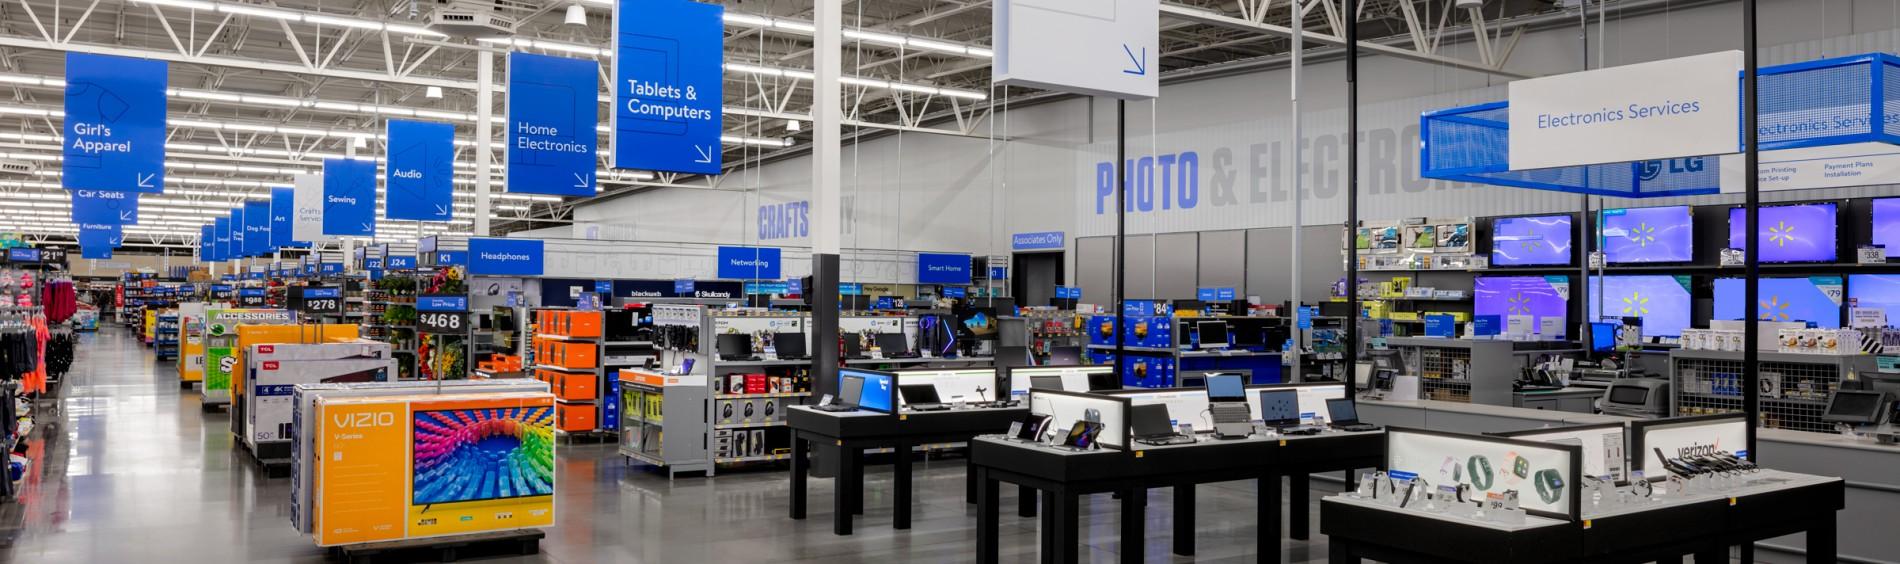 Walmart Store 2020 Design 08